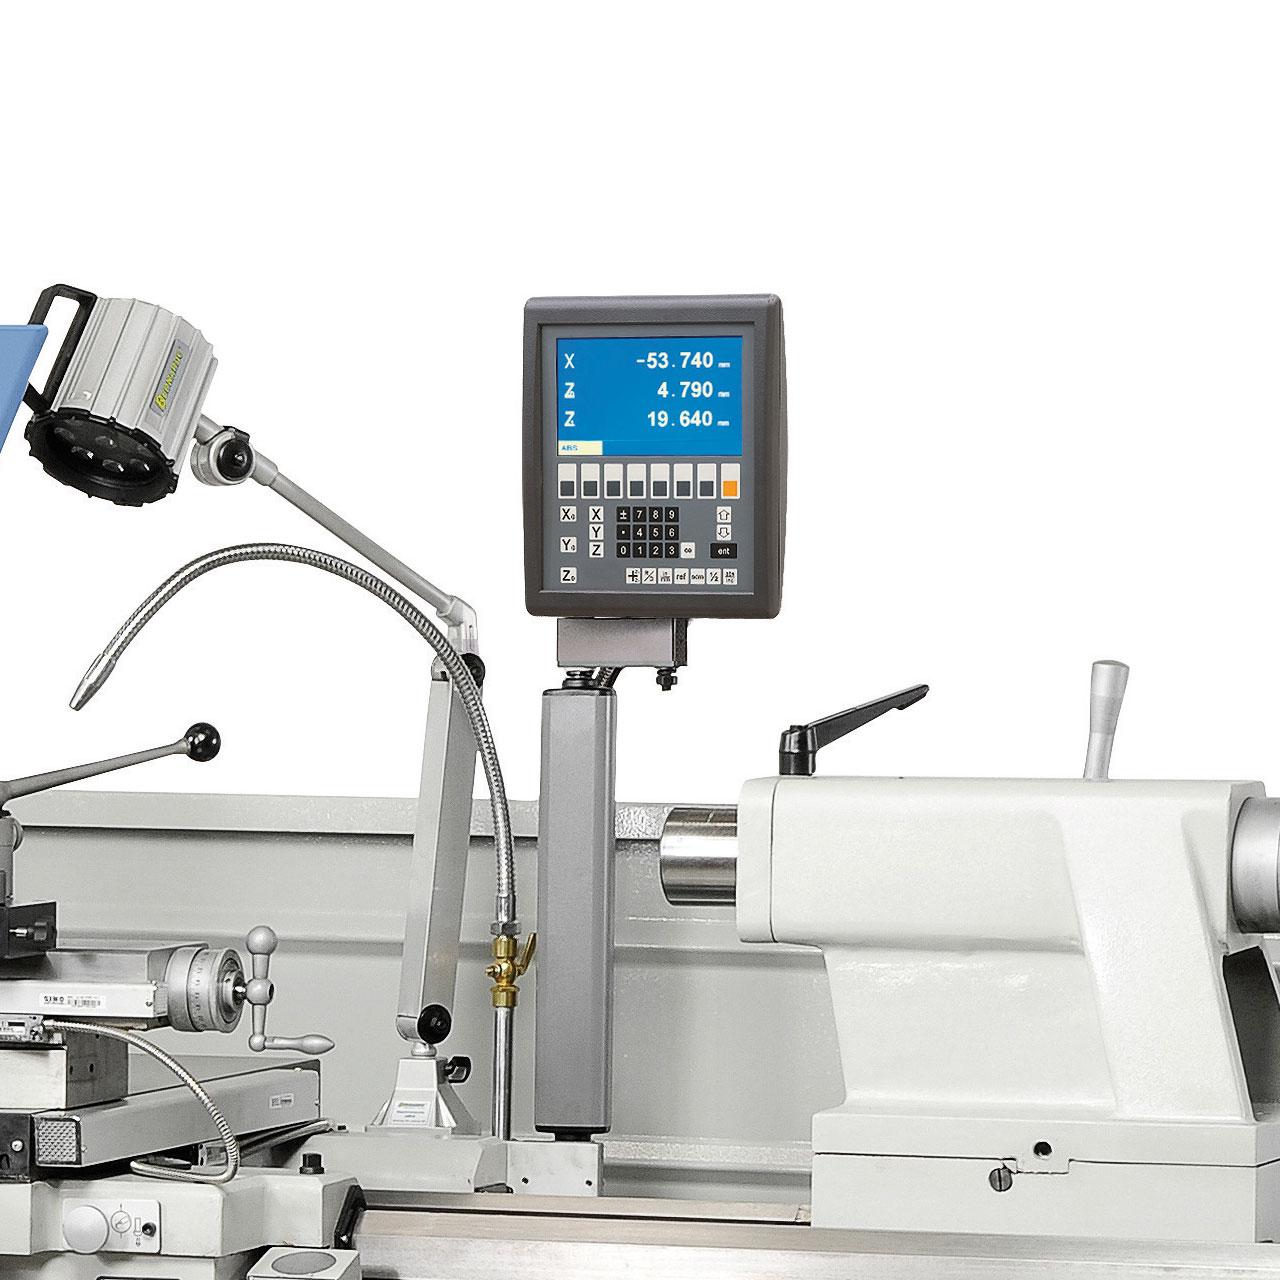 Durch die digitale Positionsanzeige wird eine Produktivitätssteigerung bis zu 50% erzielt.